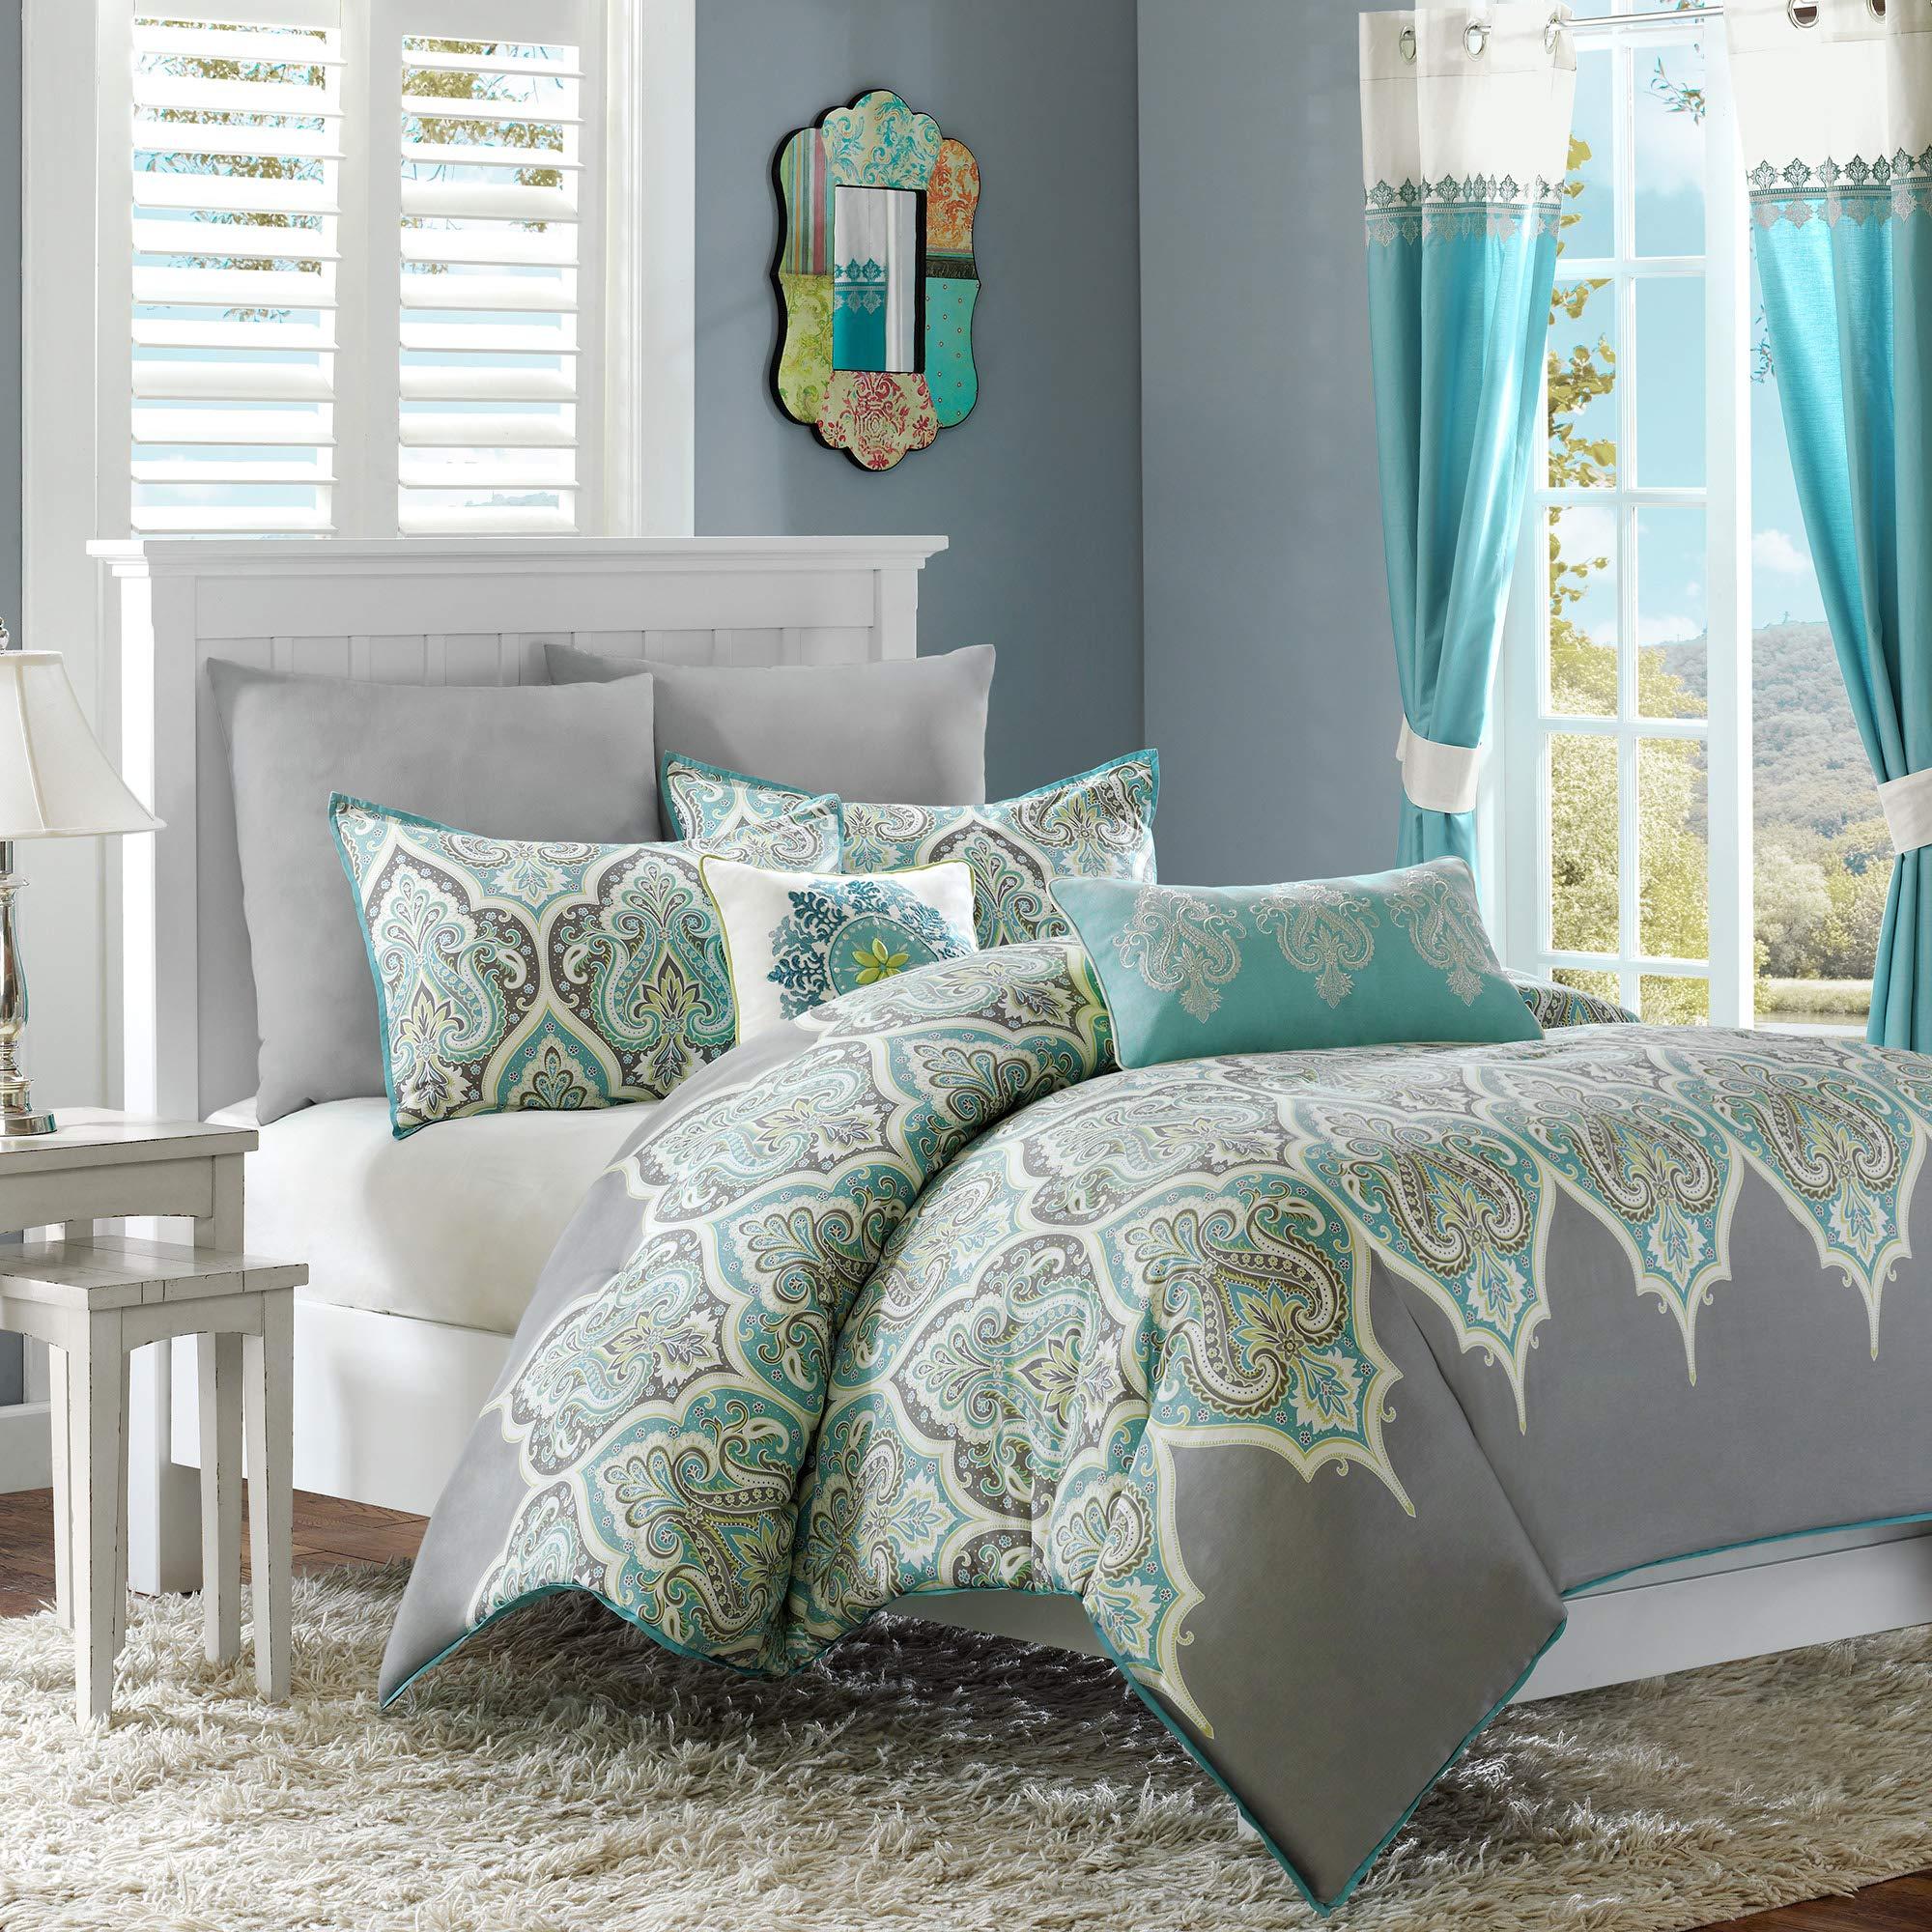 Madison  Nisha Comforter Set, King/Cal King, Ivory by Madison Park